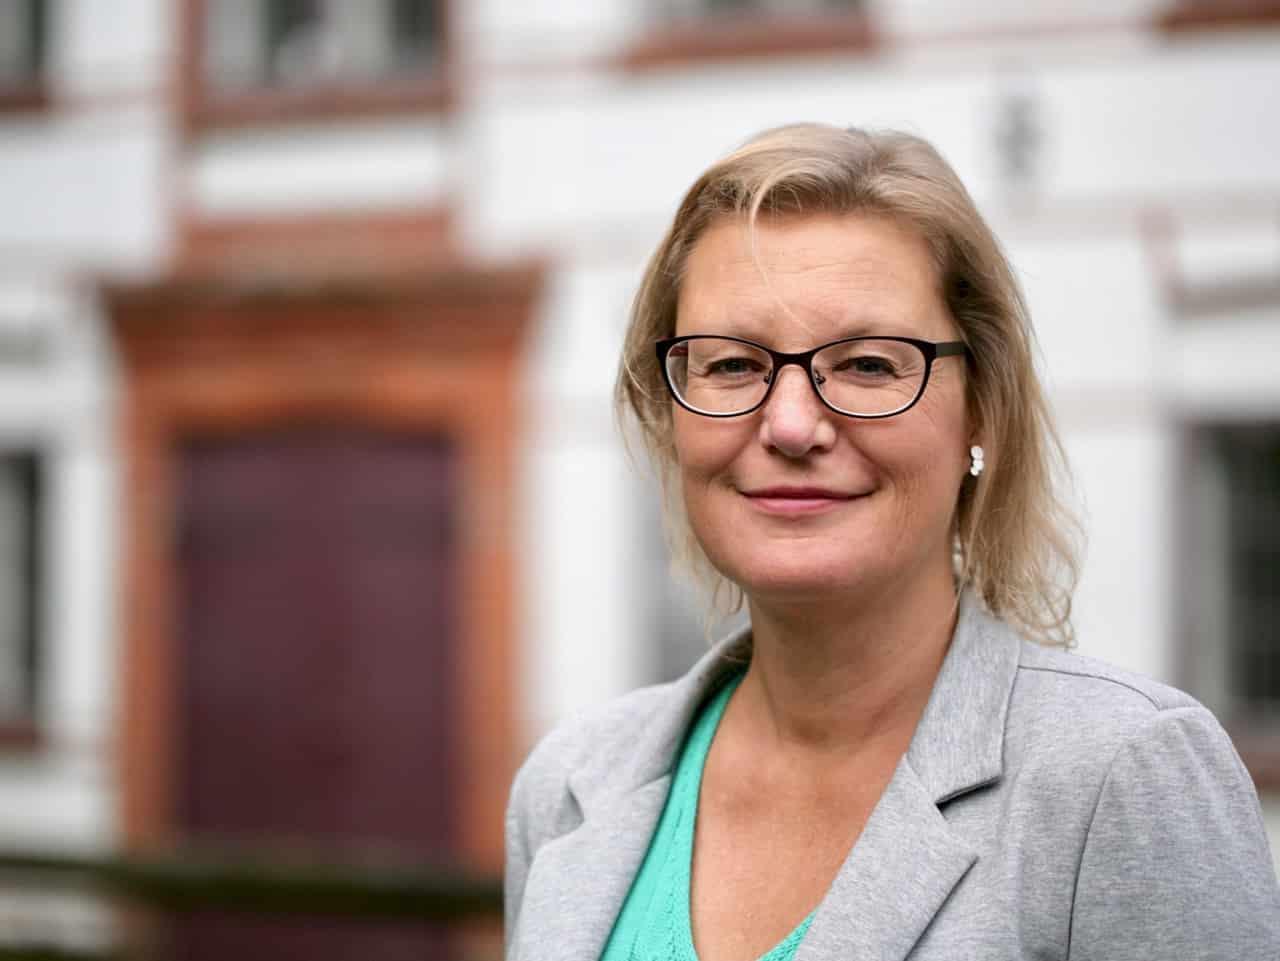 Anete Olsen, A Storyteller